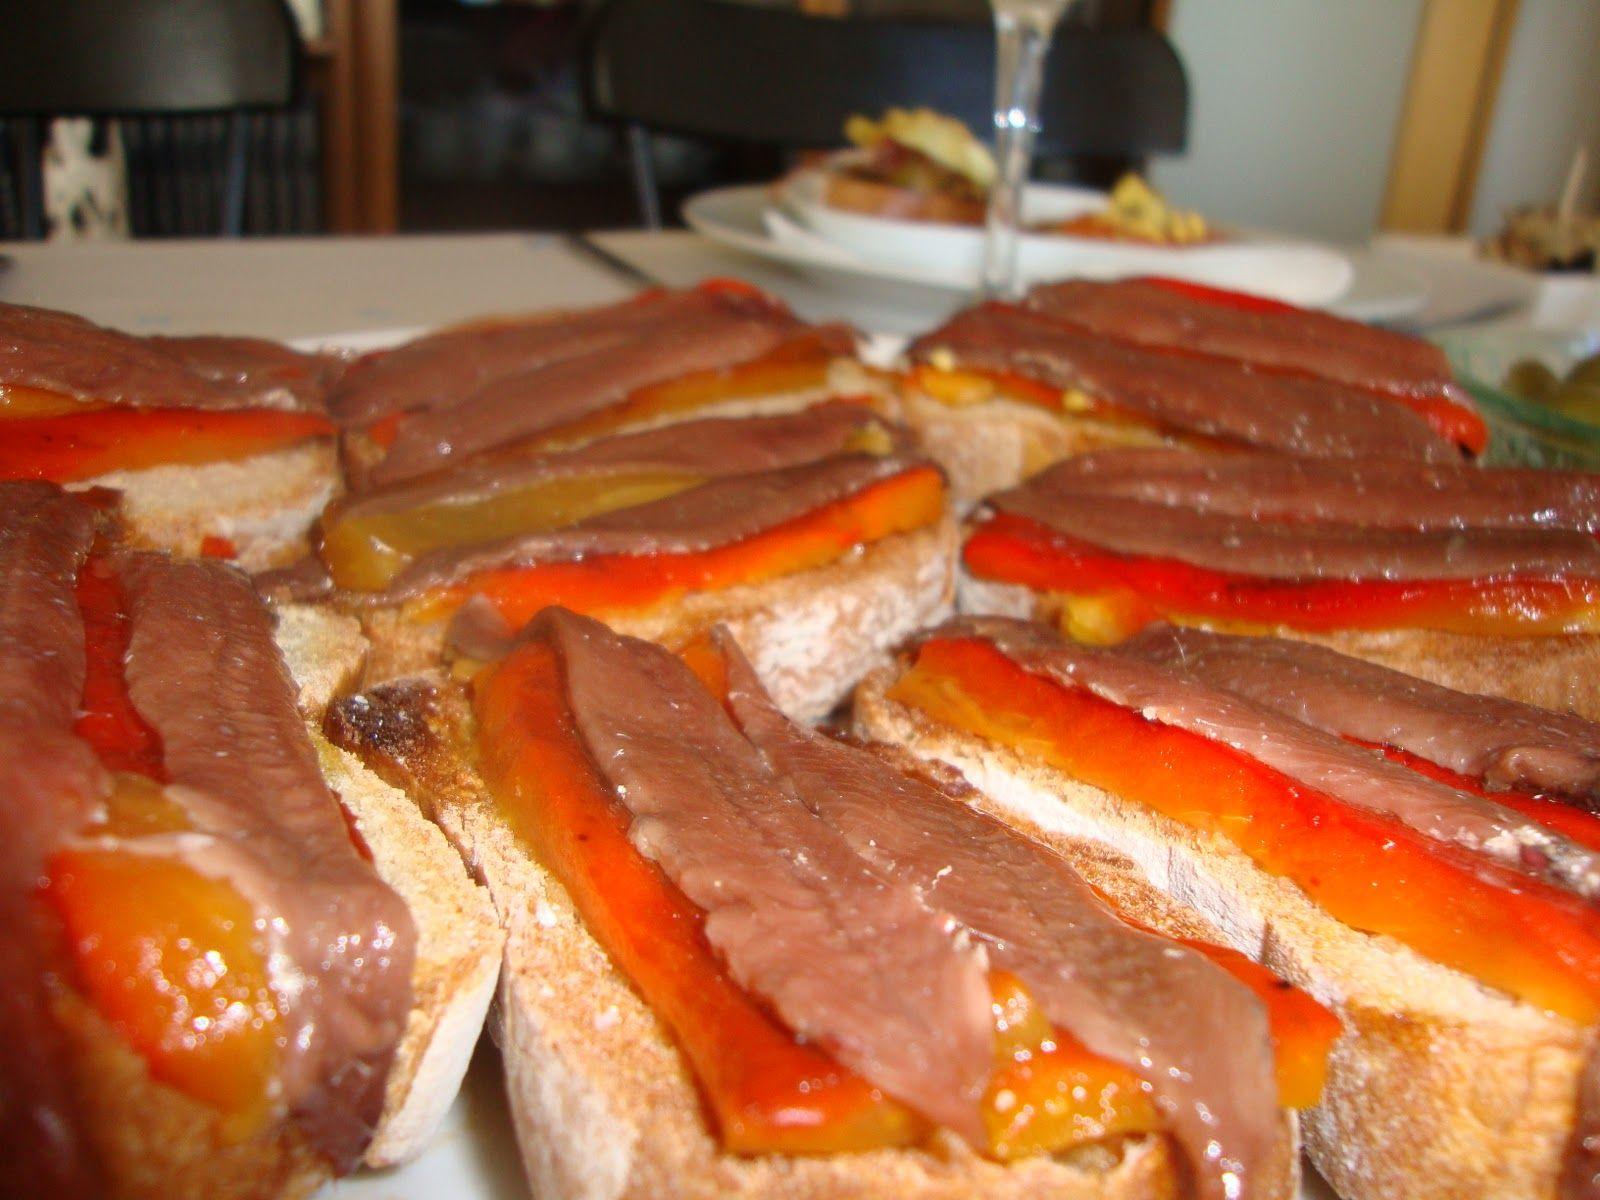 Pintxo de pimiento de piquillo y anchoas de Santoña. Sara Larruscain (Vizcaya)